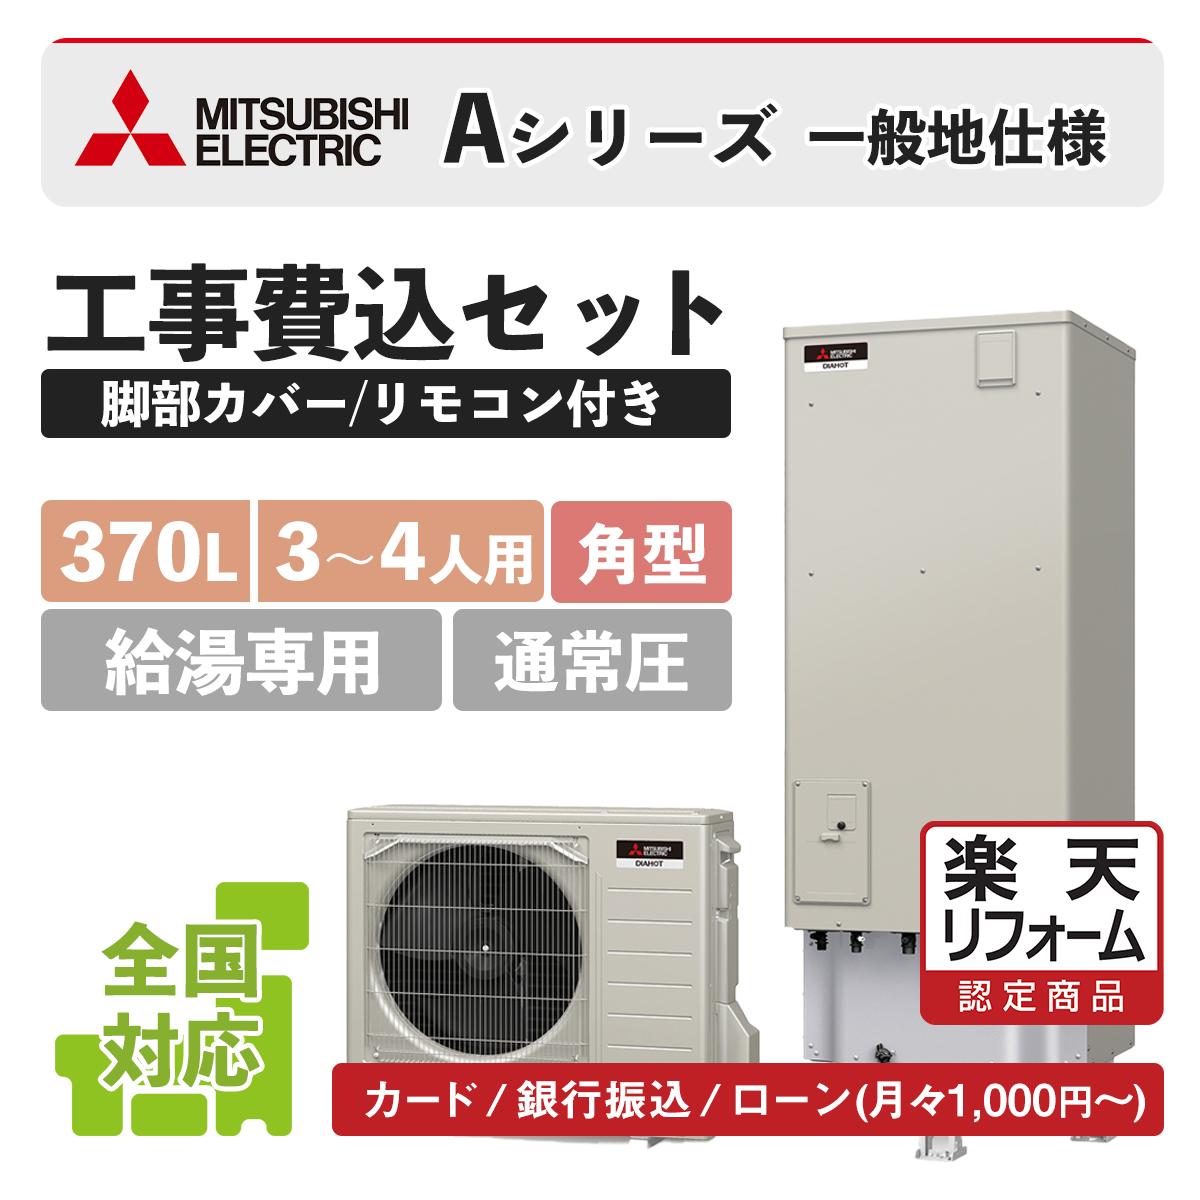 【リフォーム認定商品】SRT-N374|三菱Aシリーズ給湯専用 角型 370L|エコキュート工事費込み!全国対応!リモコンセット,給湯器,給湯専用